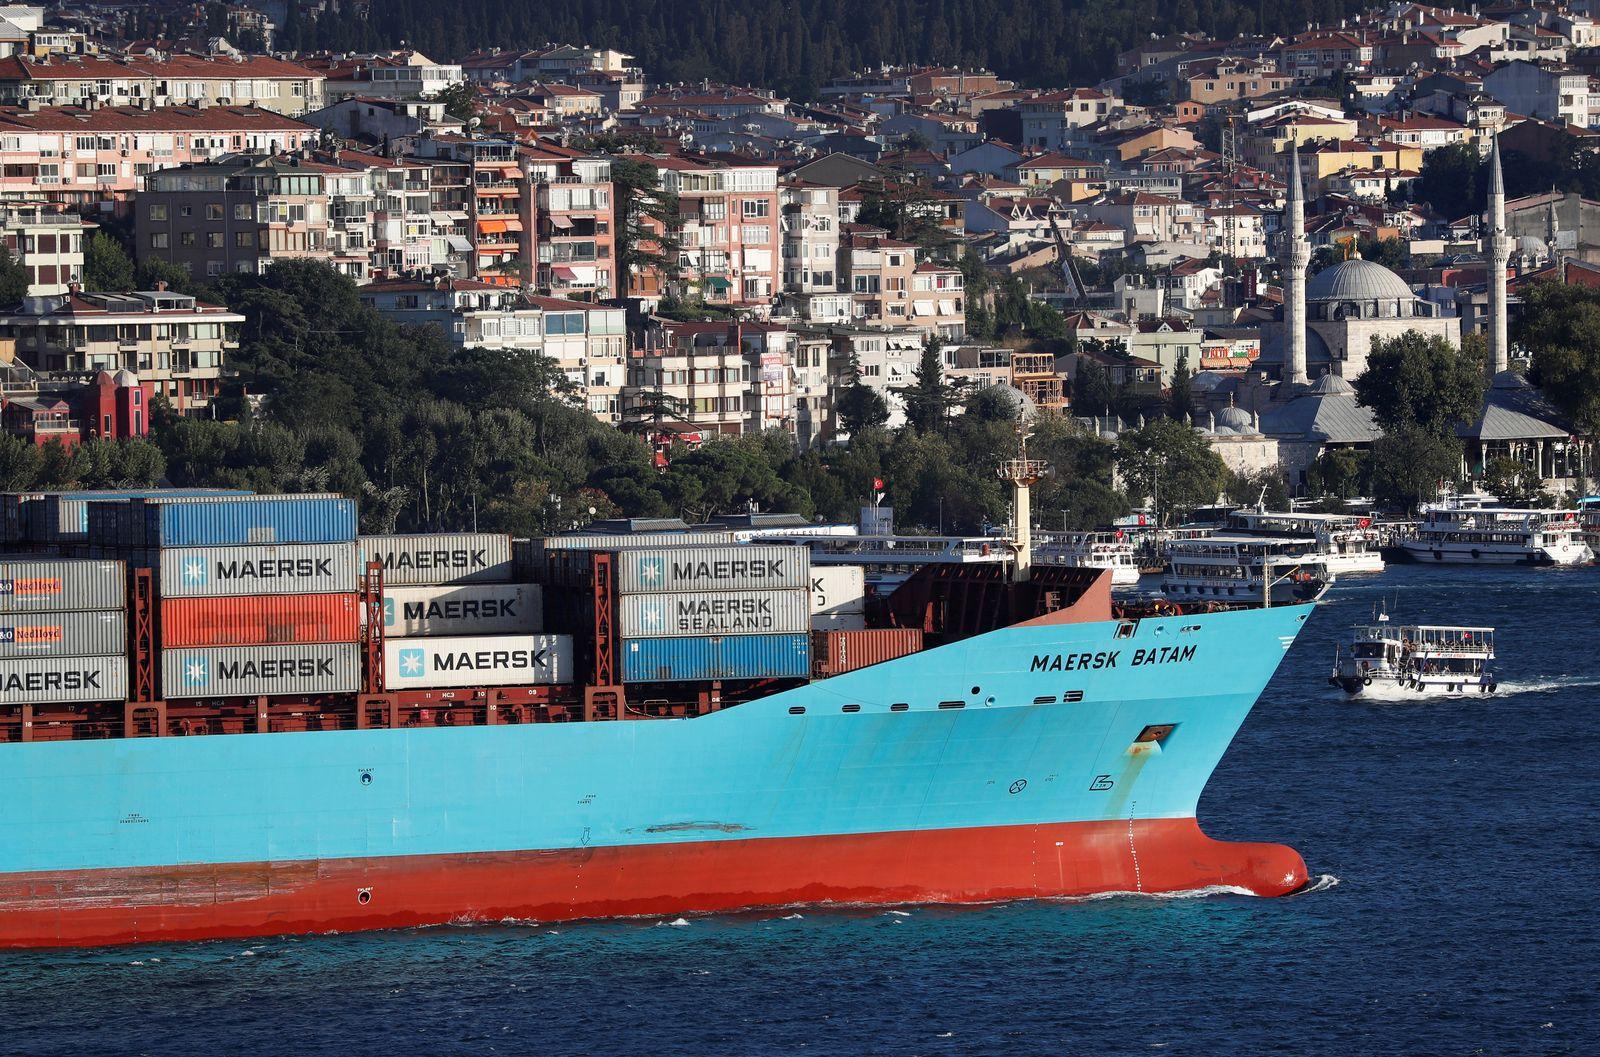 Türkei / Konjunktur / Wirtschaft / Lira / Handel / Container